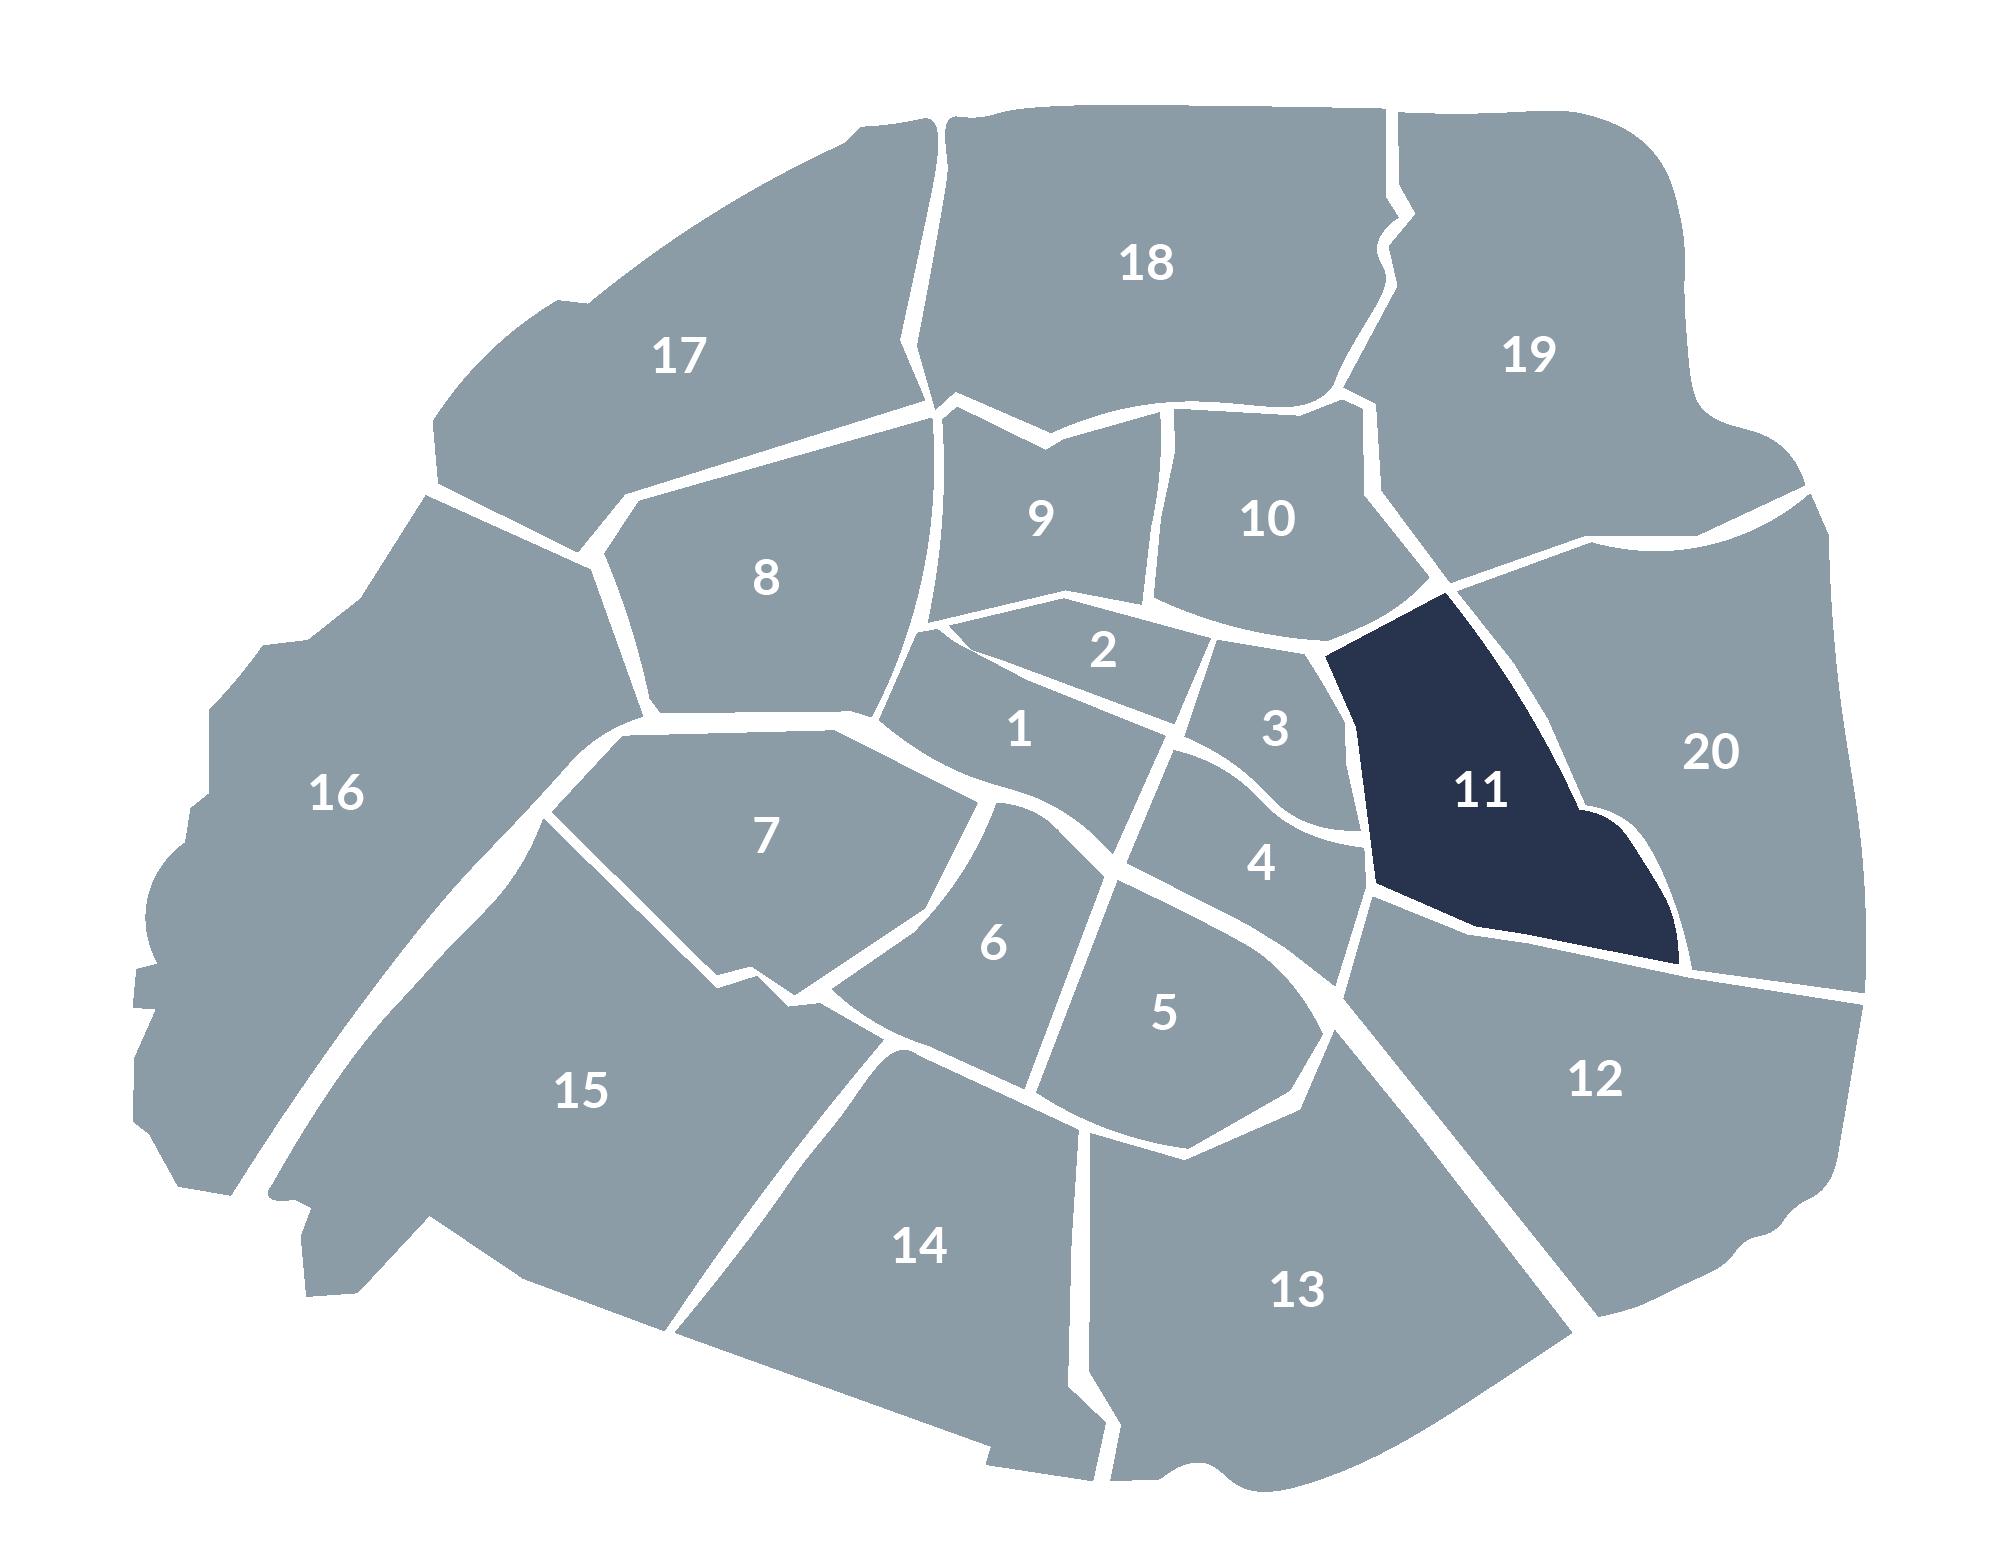 carte paris 11e arrondissement